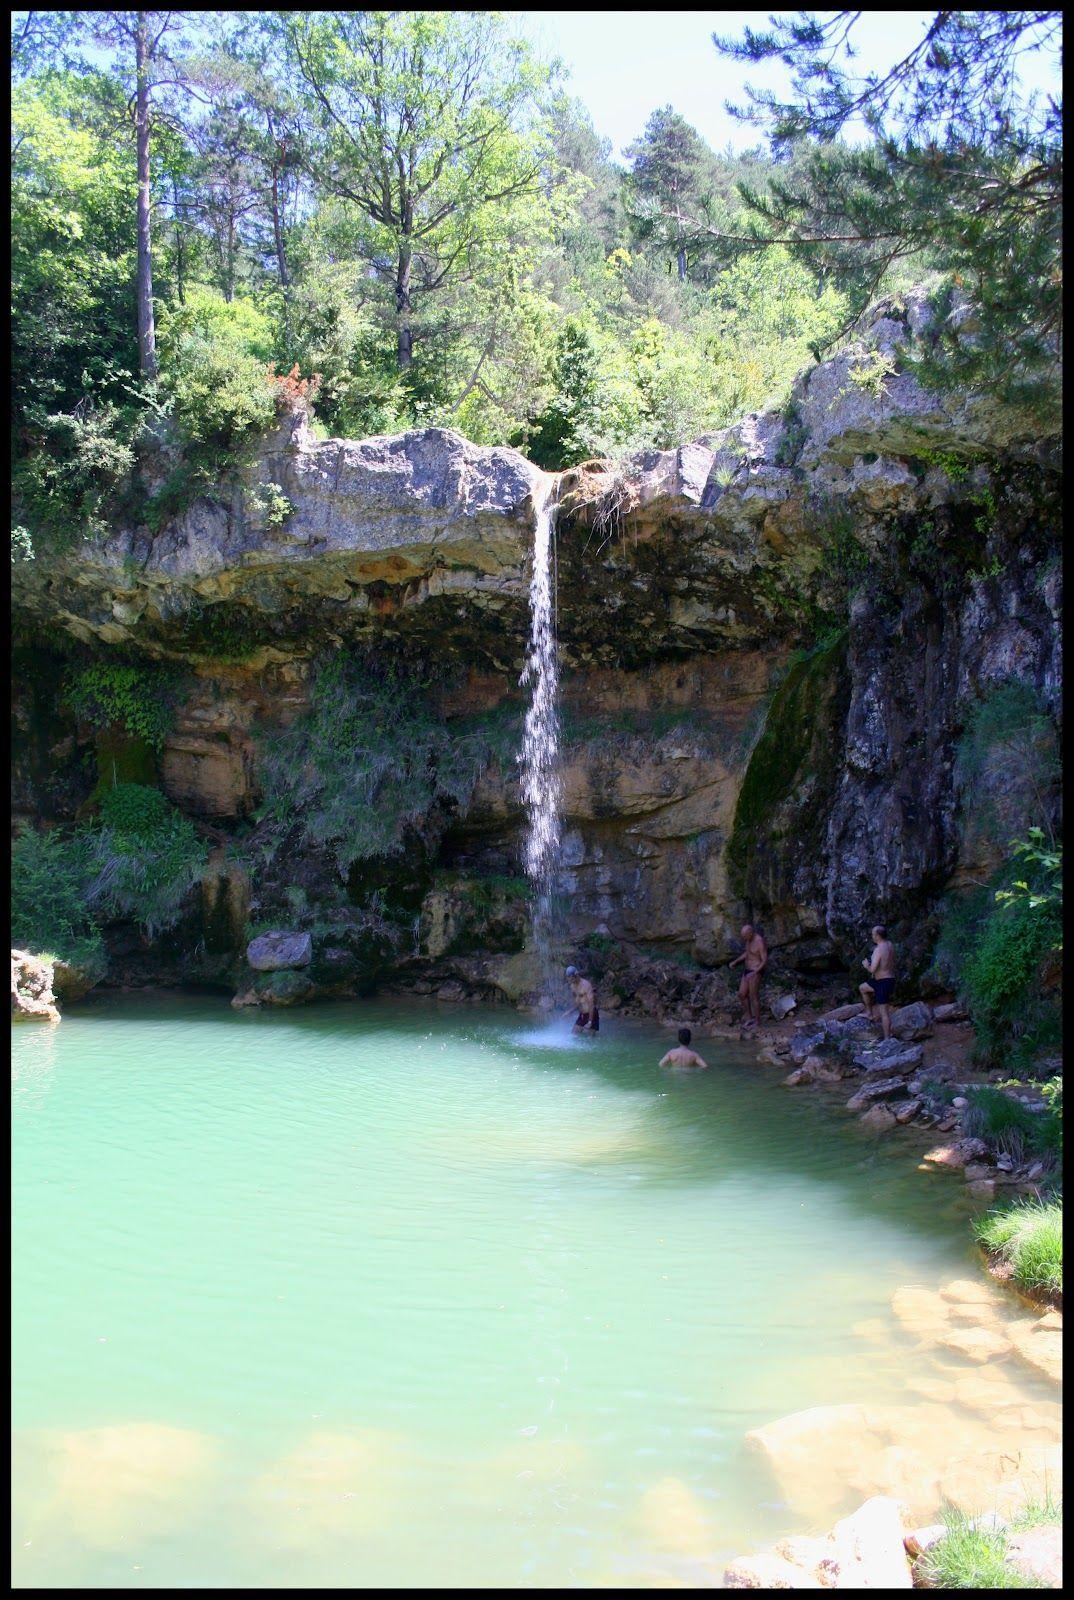 Las Siete Cascadas 7 Gorgs Campdevanol Ripoll Catalonia Cascadas Lugares Preciosos Lugares Increibles